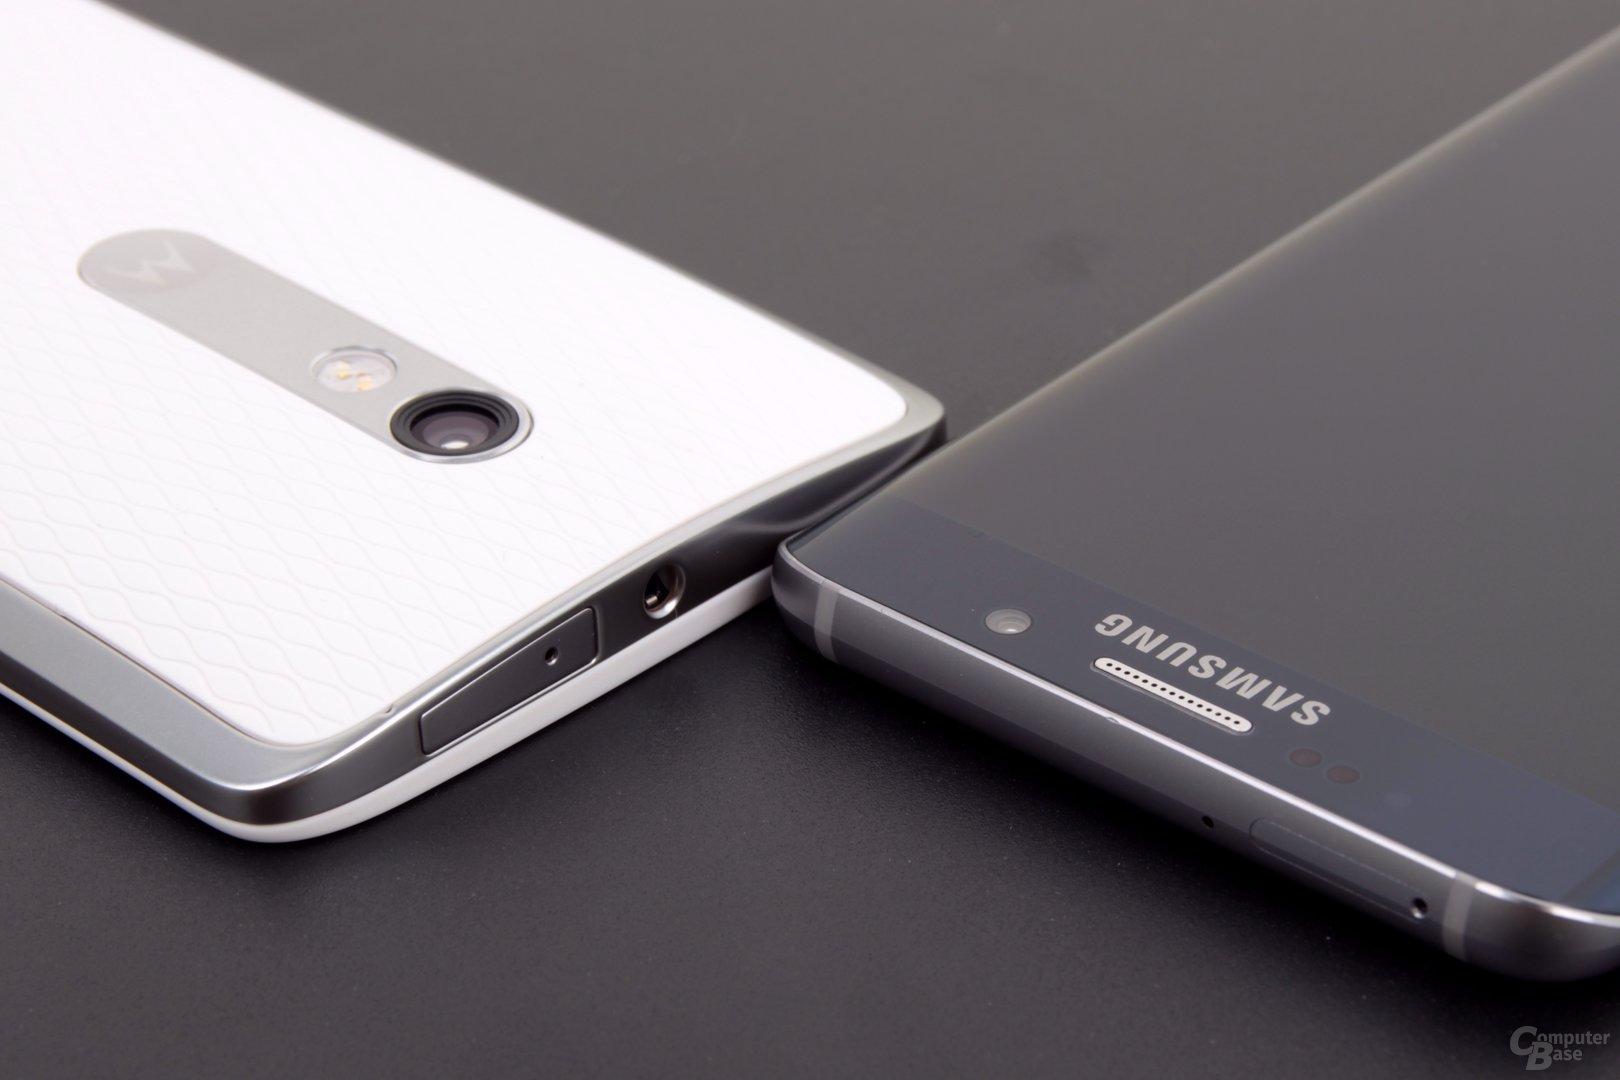 Das Galaxy S6 edge+ ist deutlich dünner